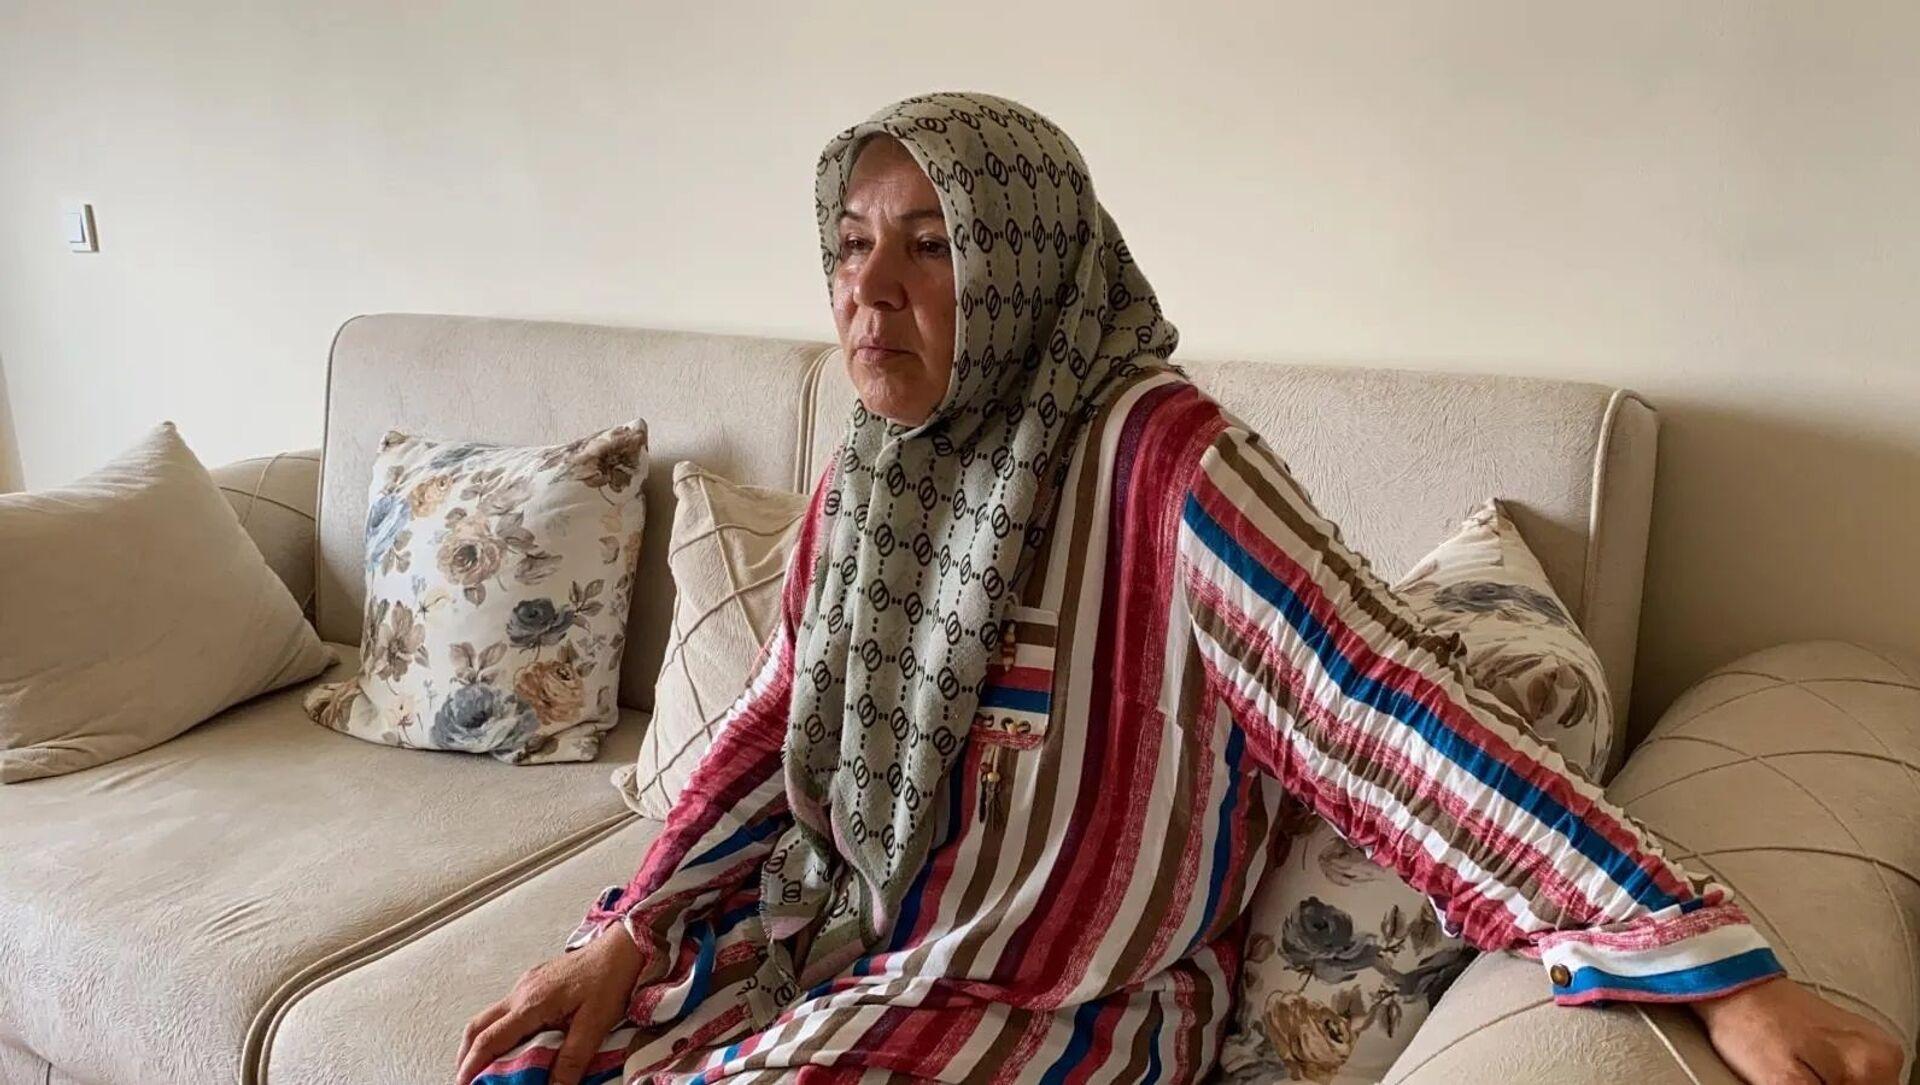 Oğlu ve eşinin şiddetine maruz kalan kadın: Ne zaman gelip öldürecekler diye bekleyemiyorum - Sputnik Türkiye, 1920, 14.07.2021